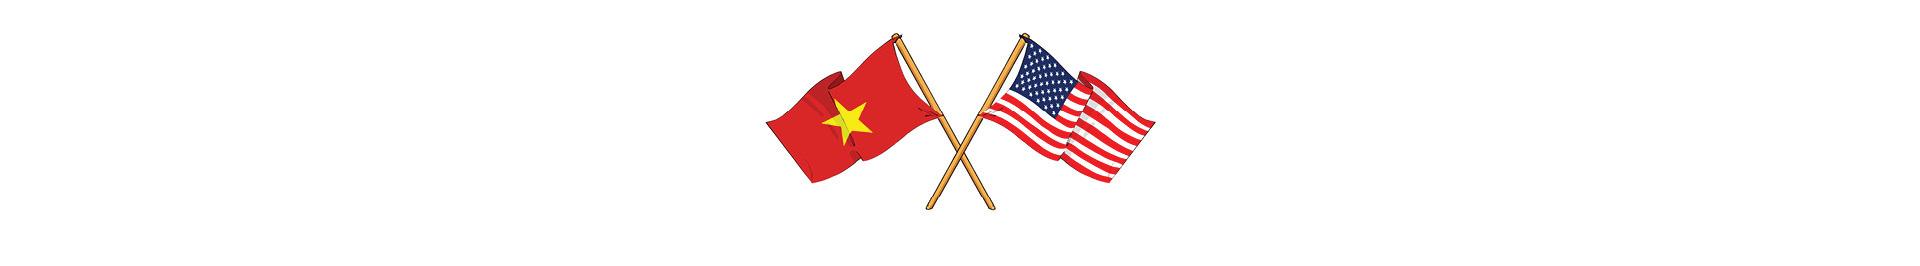 Cựu Đại sứ Mỹ tại Việt Nam Ted Osius: Hòa giải Việt Mỹ - Không gì là không thể - Ảnh 9.